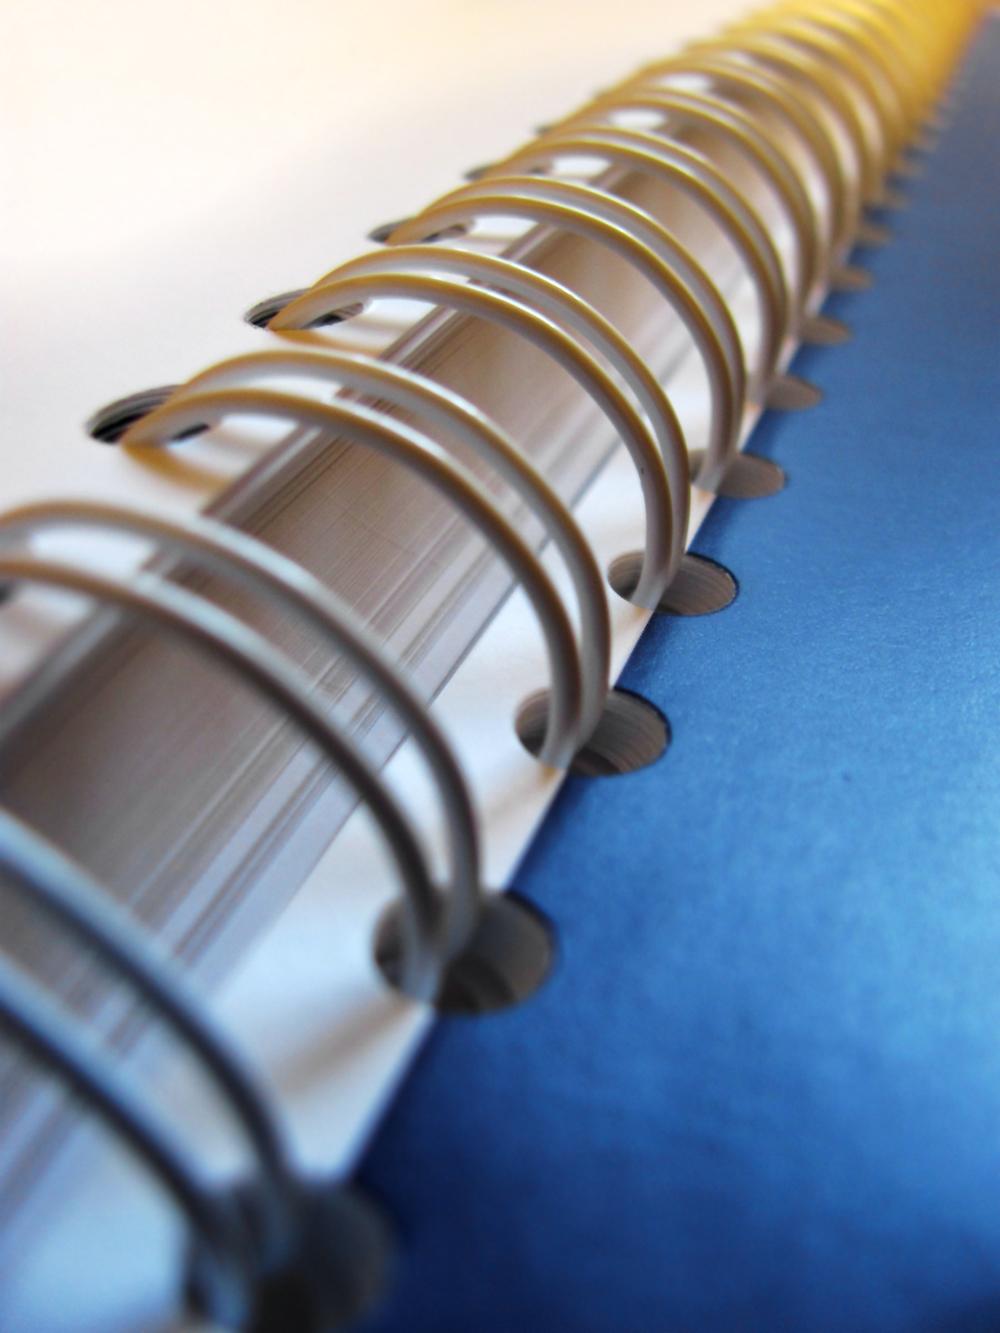 ring binder.jpg